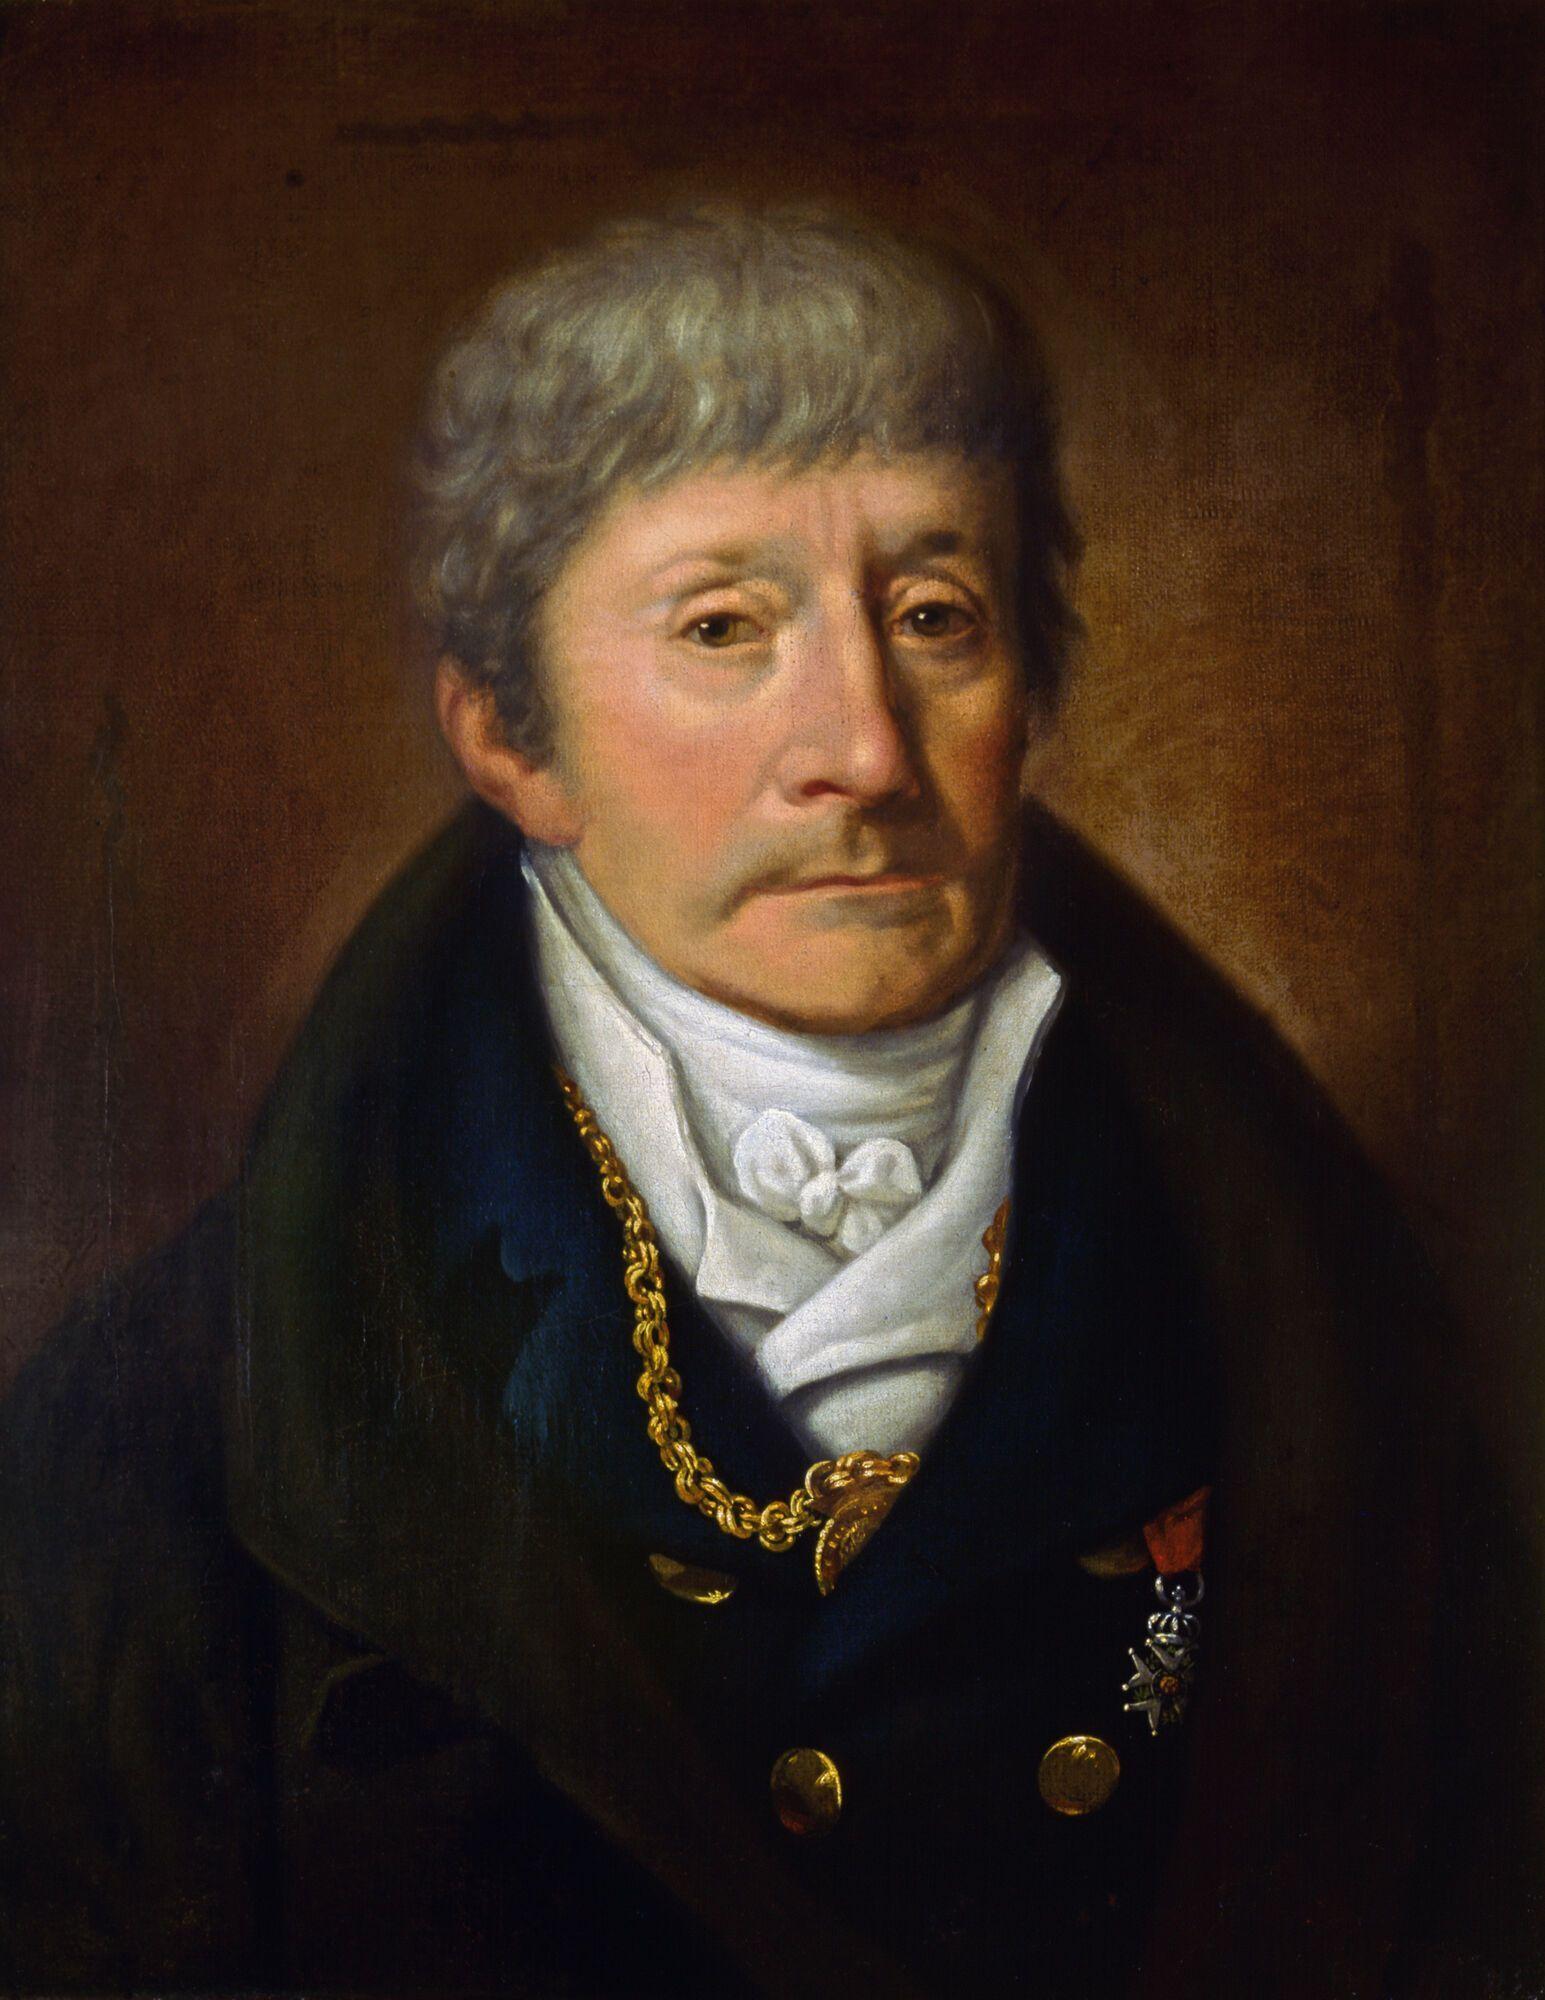 Сальери был успешным придворным композитором